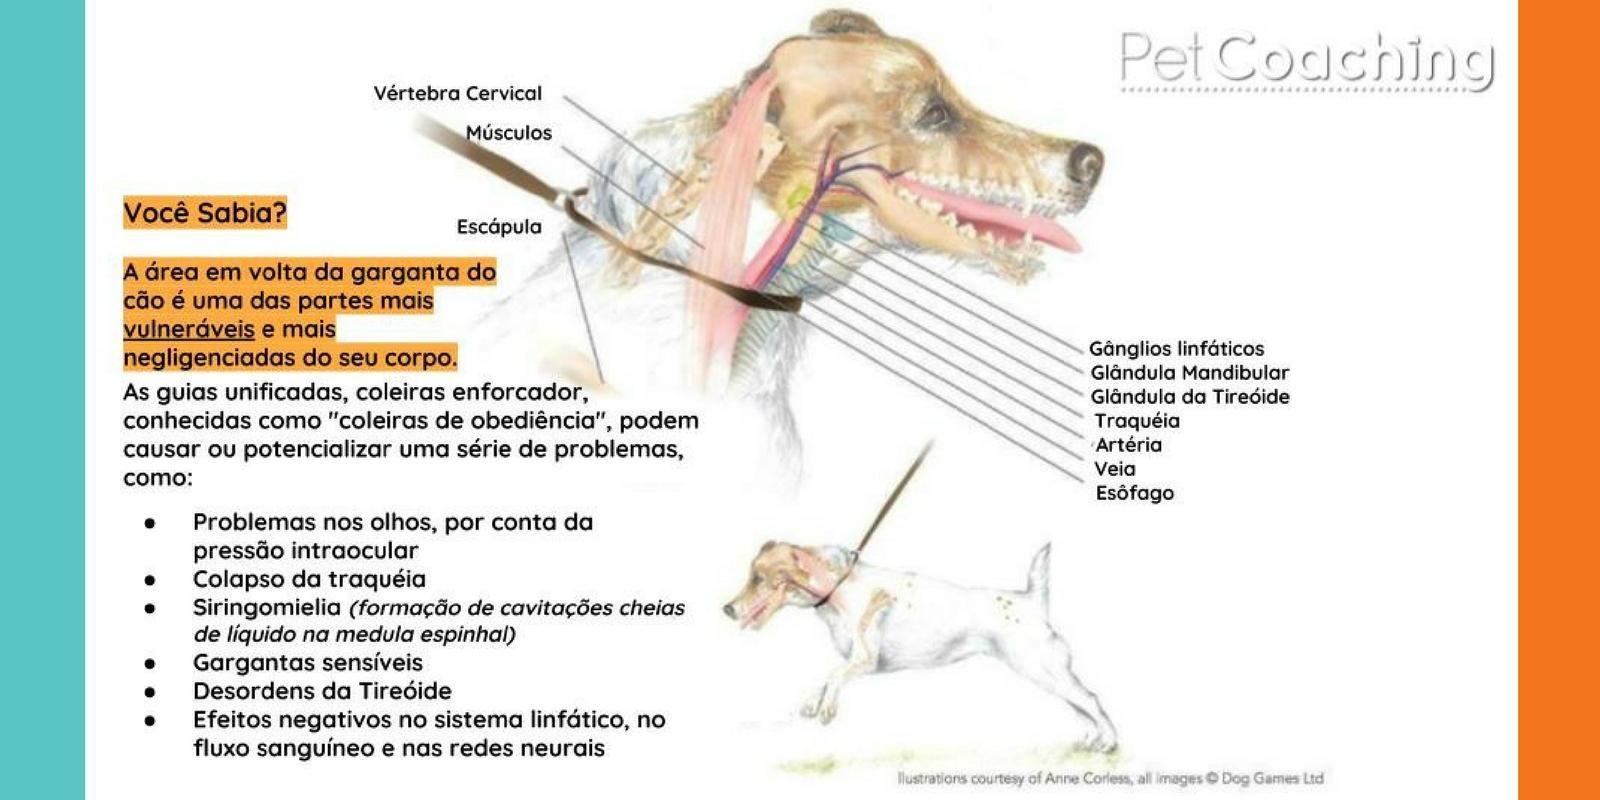 Lambeijos, Carla Ruas - Post de Esclarecimento sobre o não uso do Enforcador